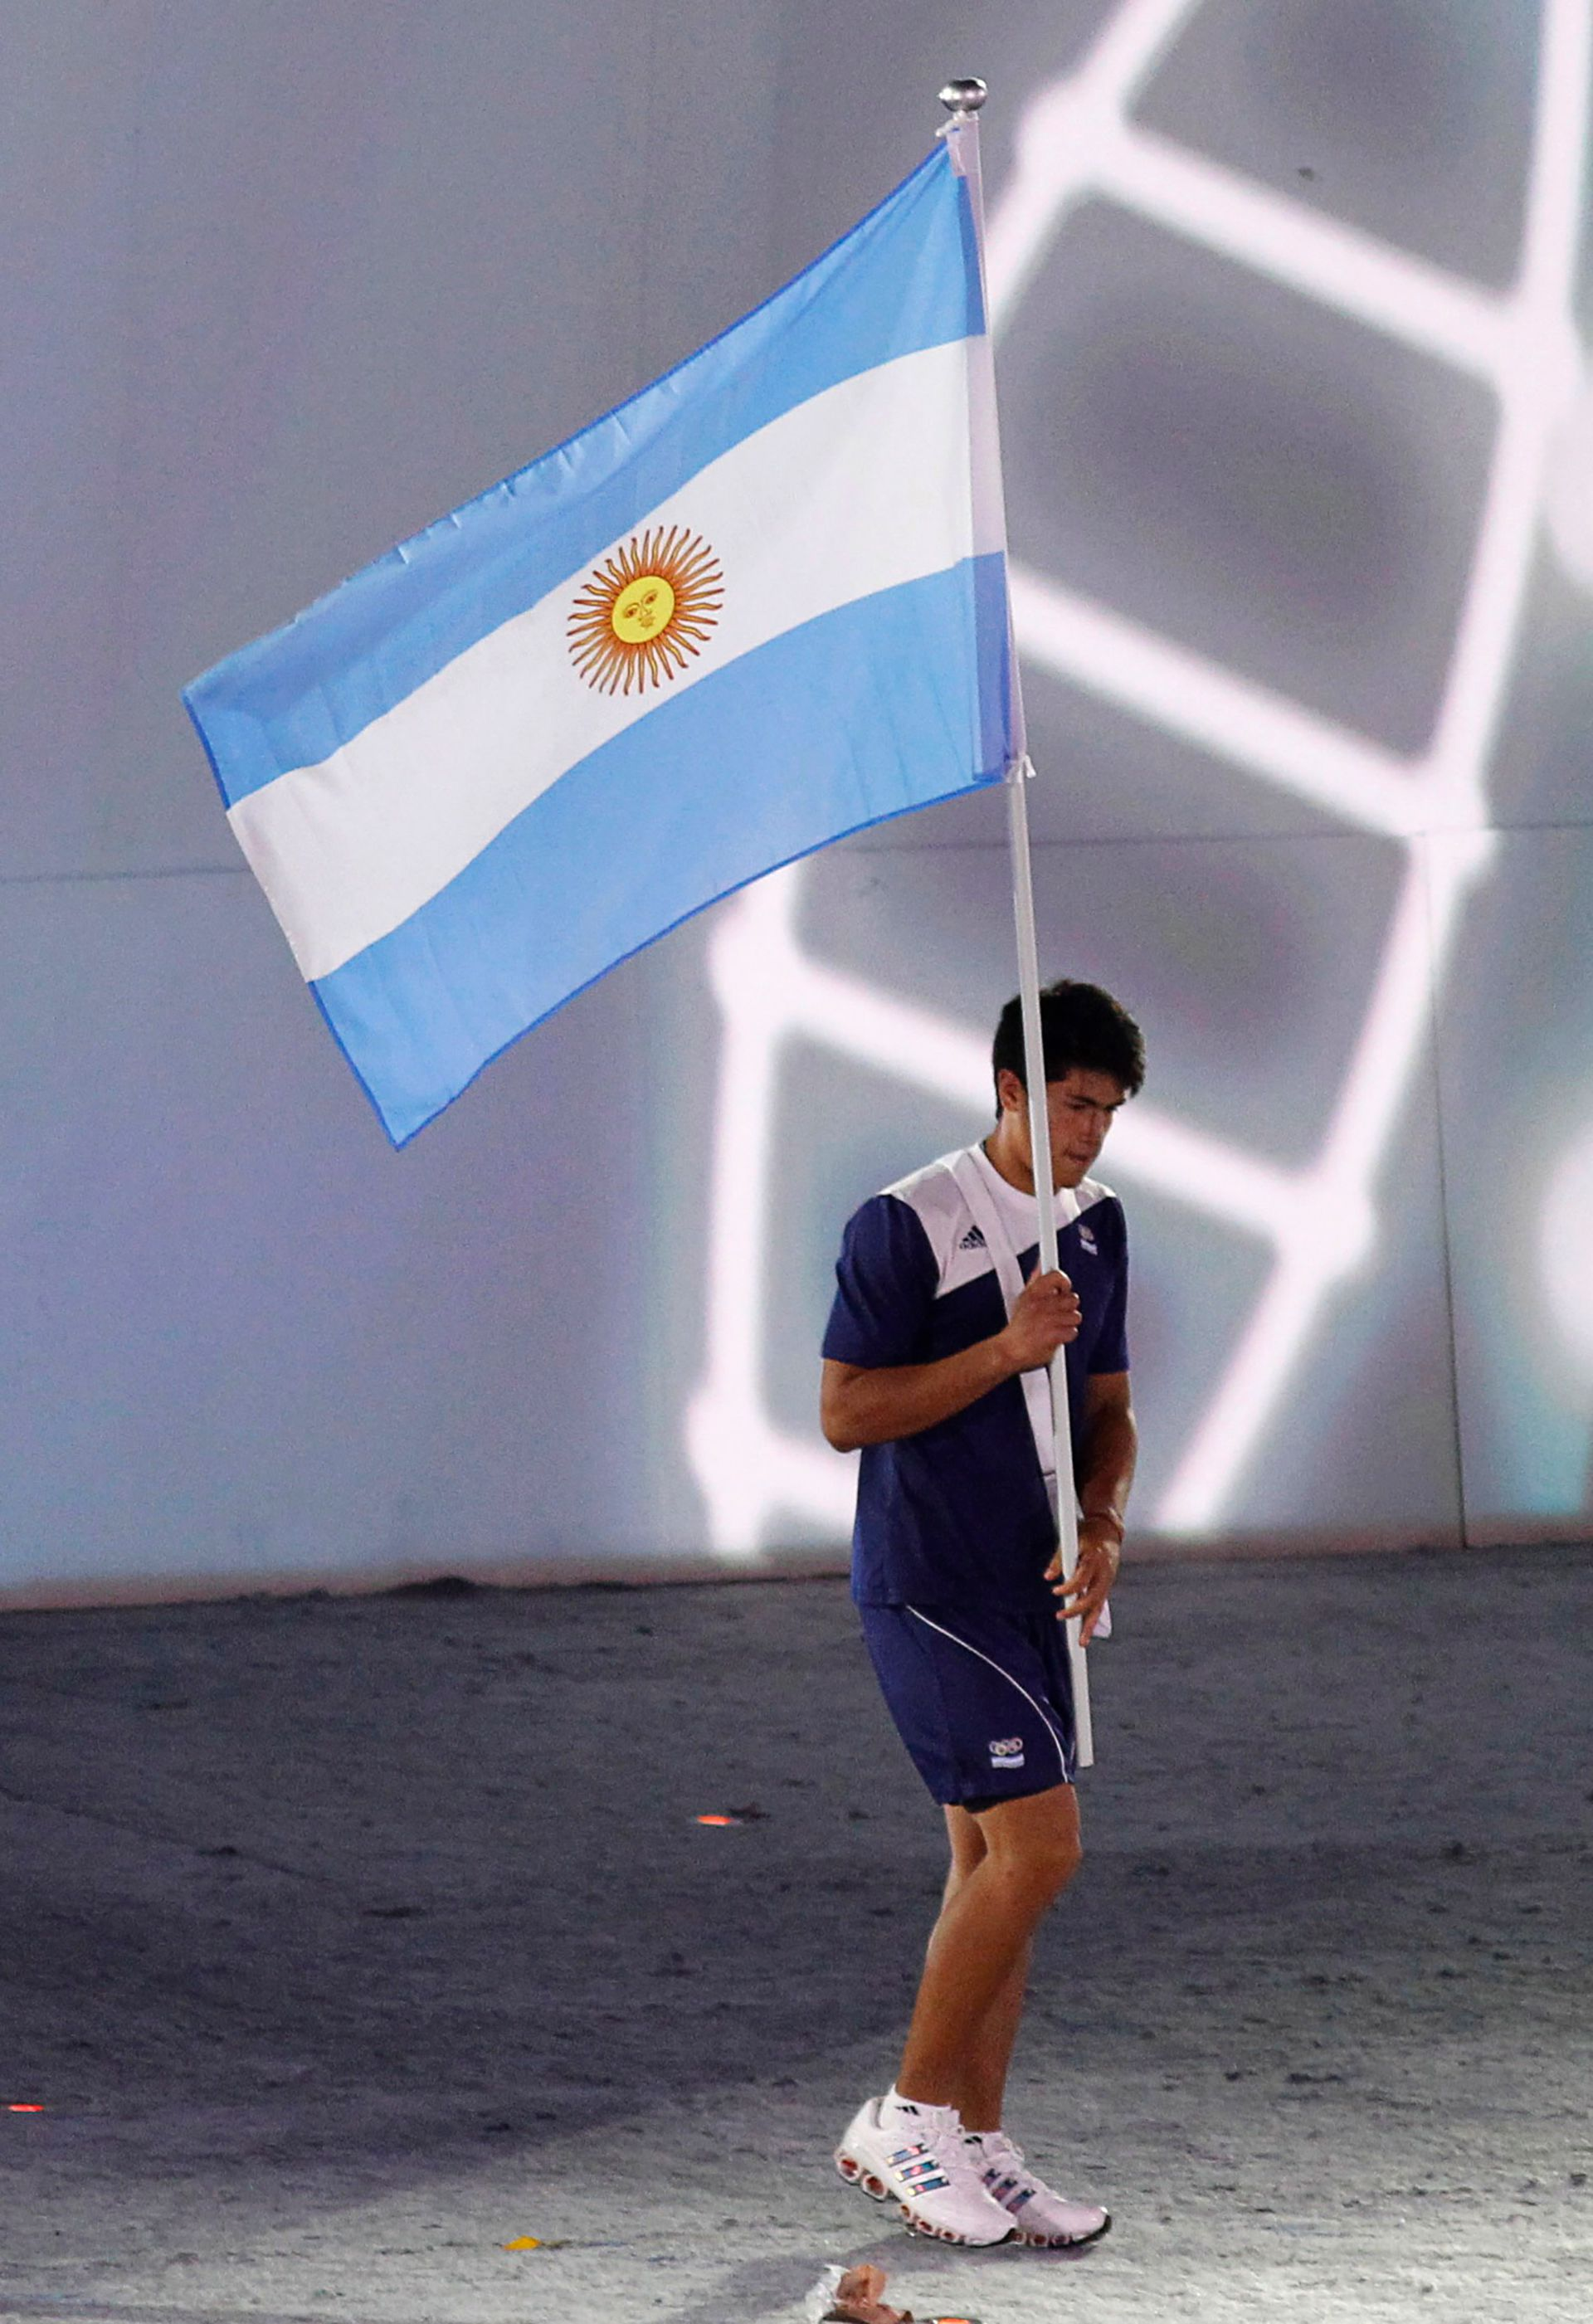 Toledo con la bandera argentina en la ceremonia de apertura de Singapur 2010 (REUTERS/Russell Boyce)